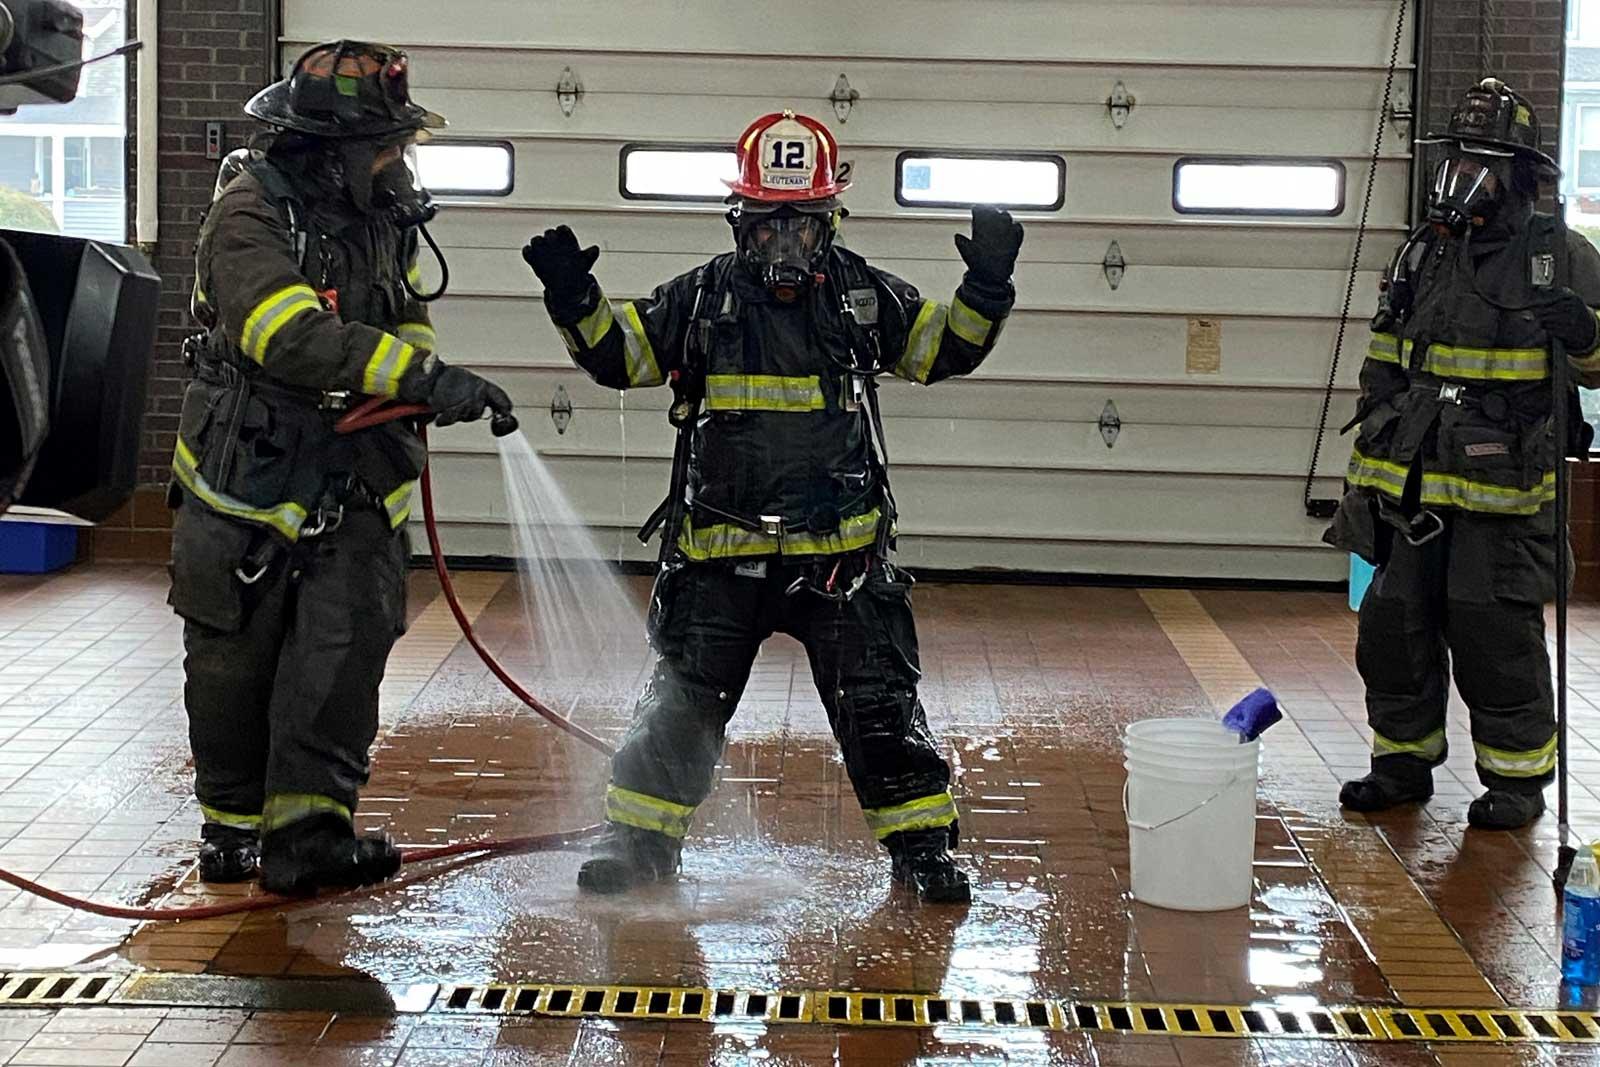 Firefighter decon procedures